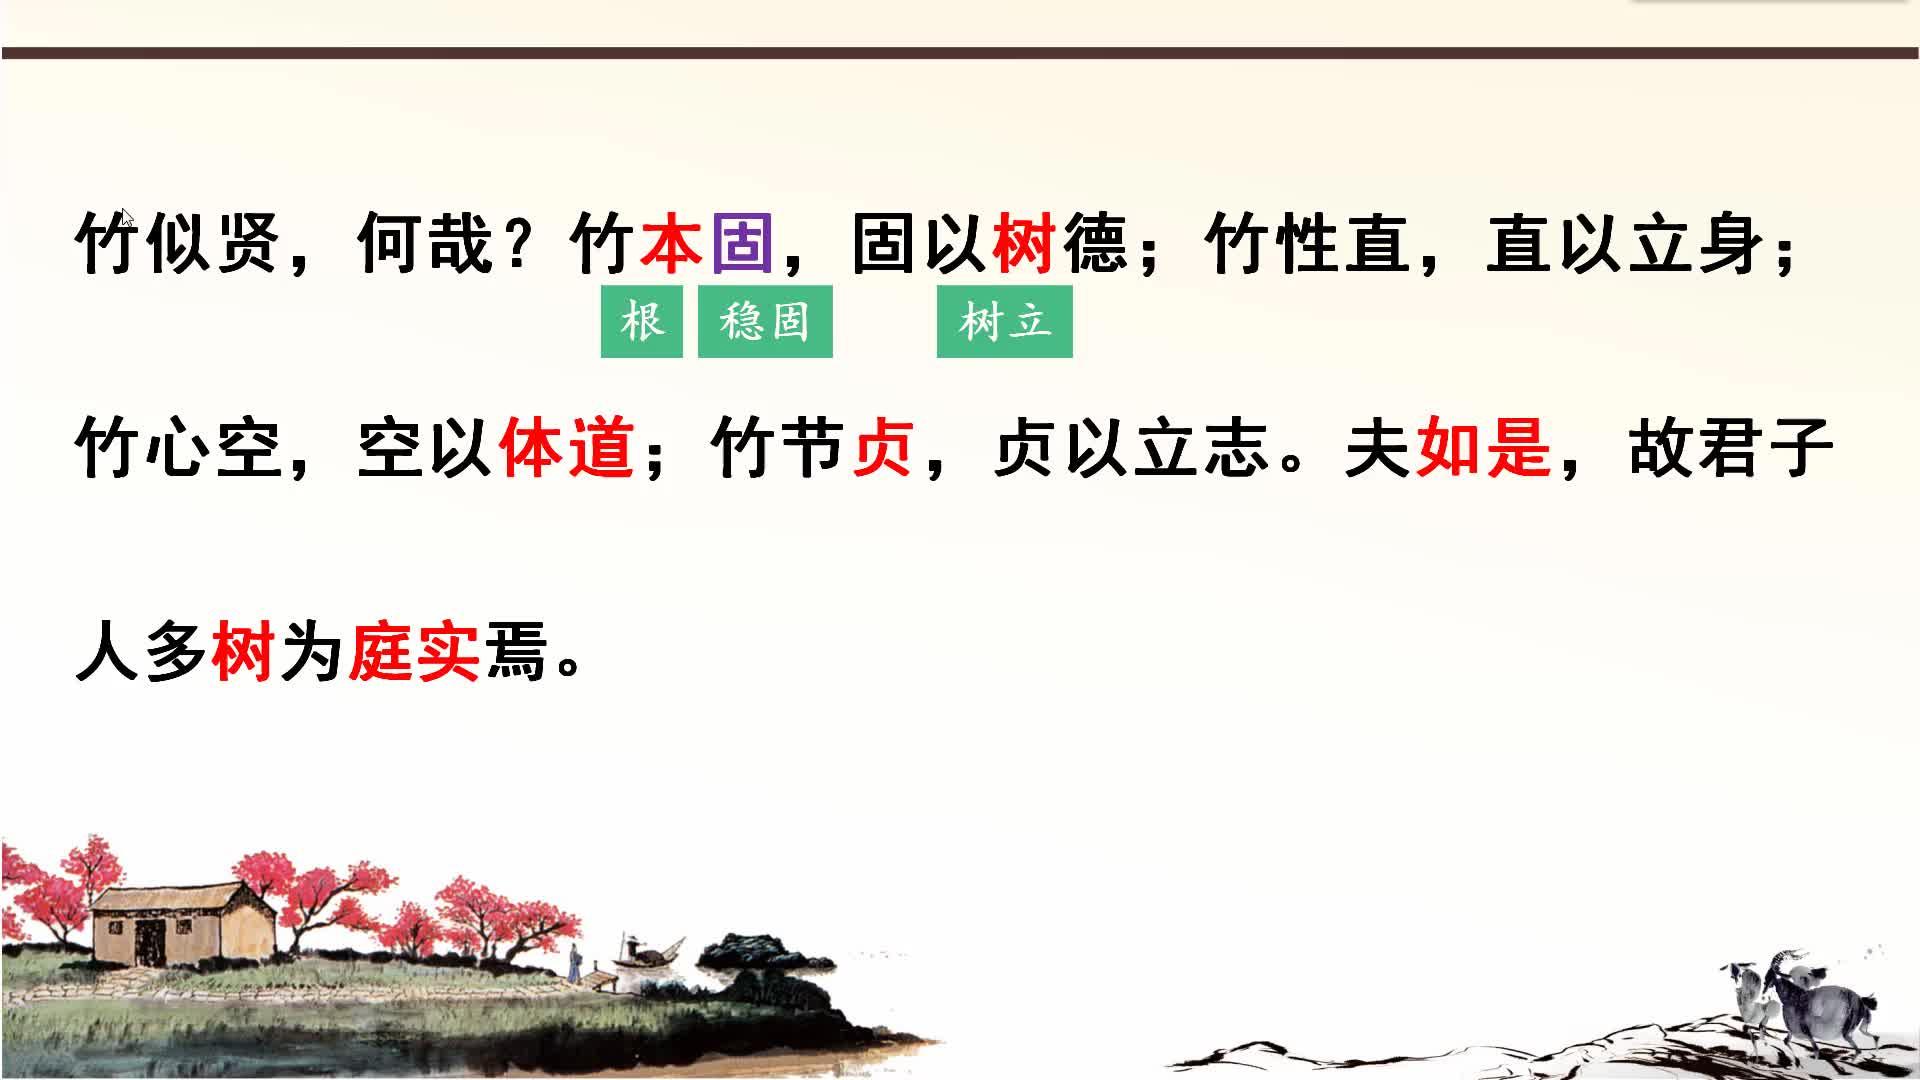 中考语文组合阅读文言文突破训练:7.养竹记-视频微课堂